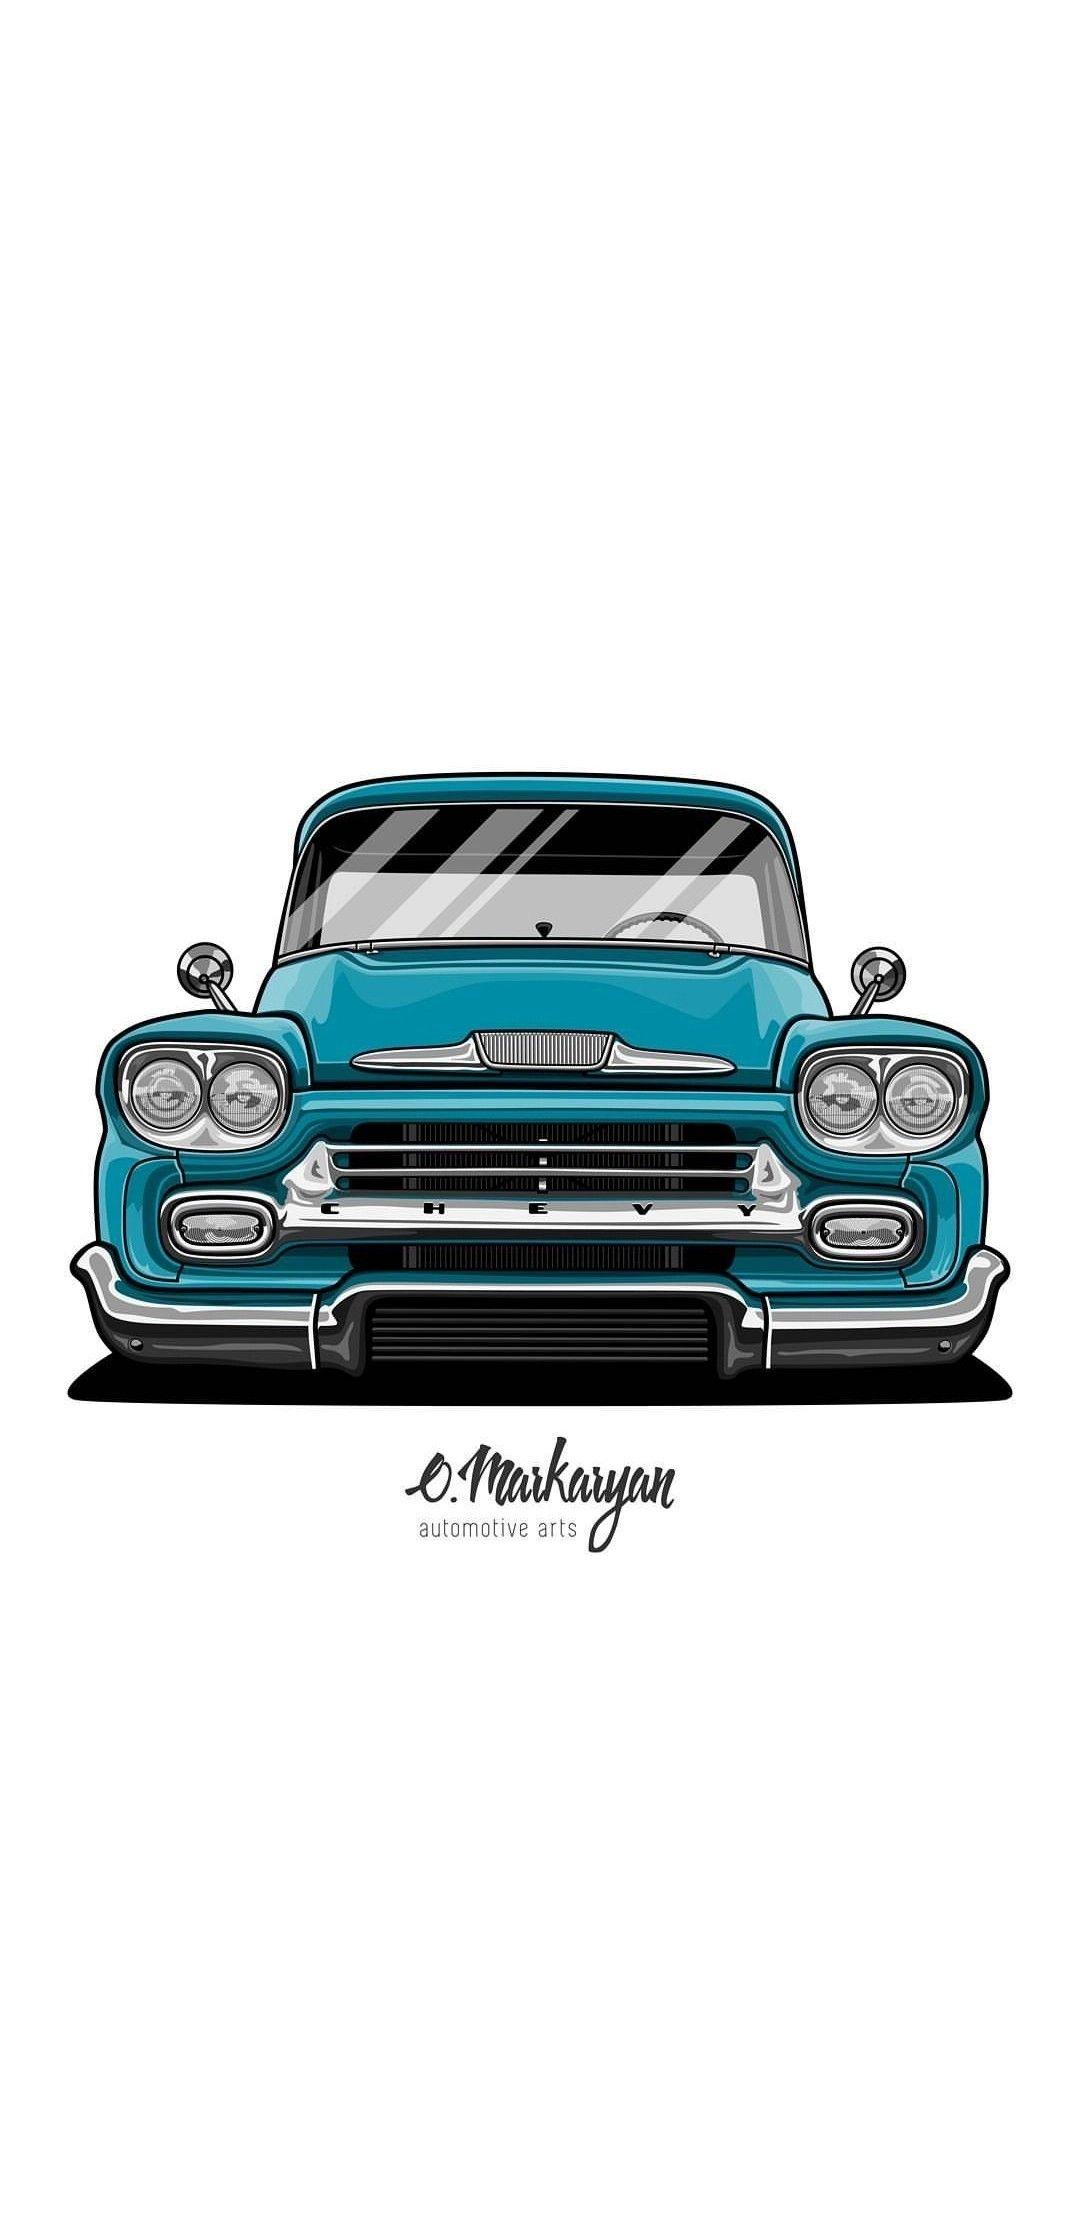 Pin De Cristian Bueno En Avto Art Coches Retro Dibujos De Autos Camioneta Dibujo